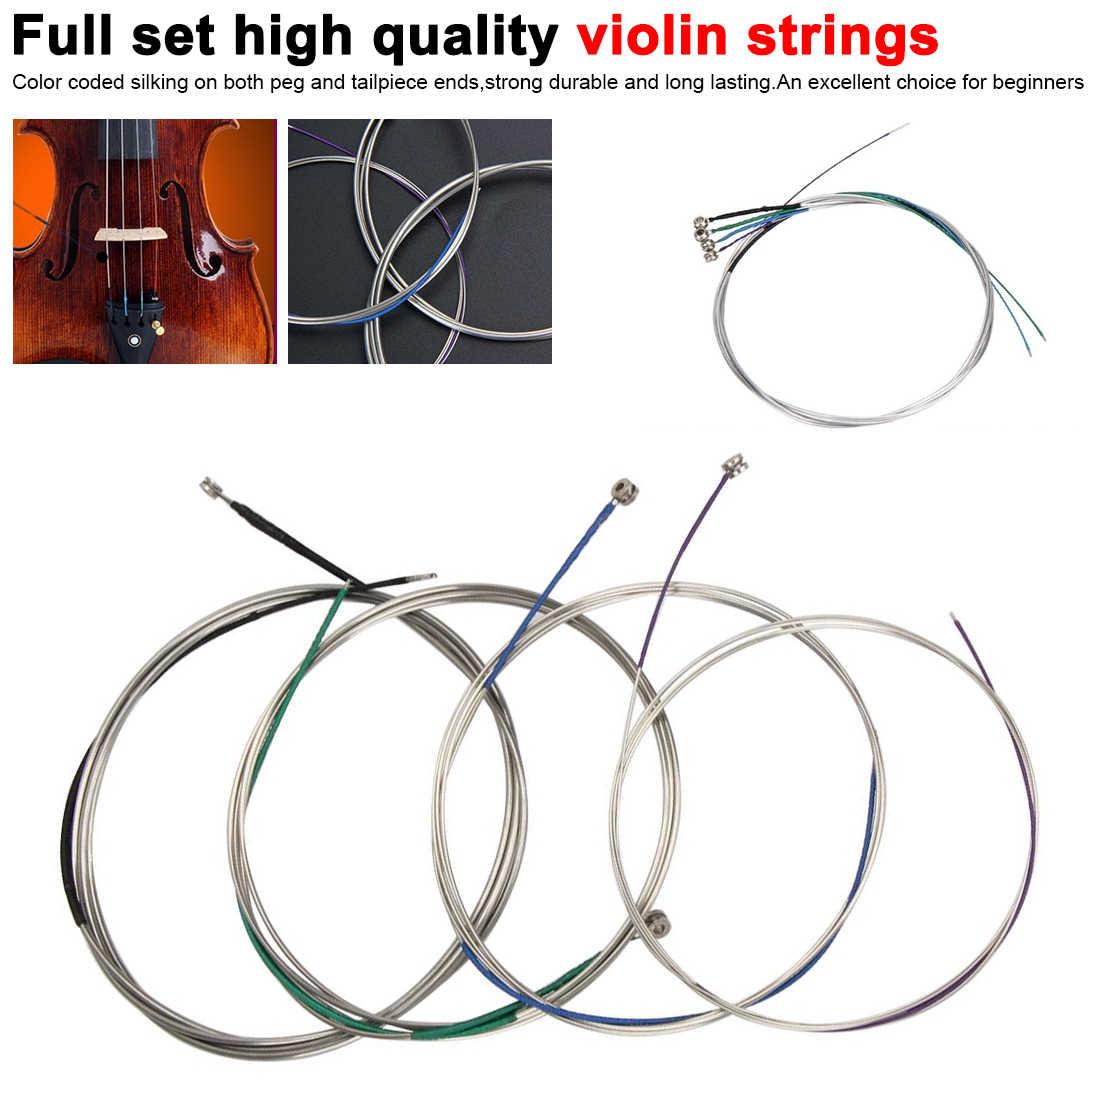 バイオリンフルセット高品質バイオリン弦ためサイズ 4/4 & 3/4 バイオリン弦スチール弦グラム D a と E 楽器アクセサリー